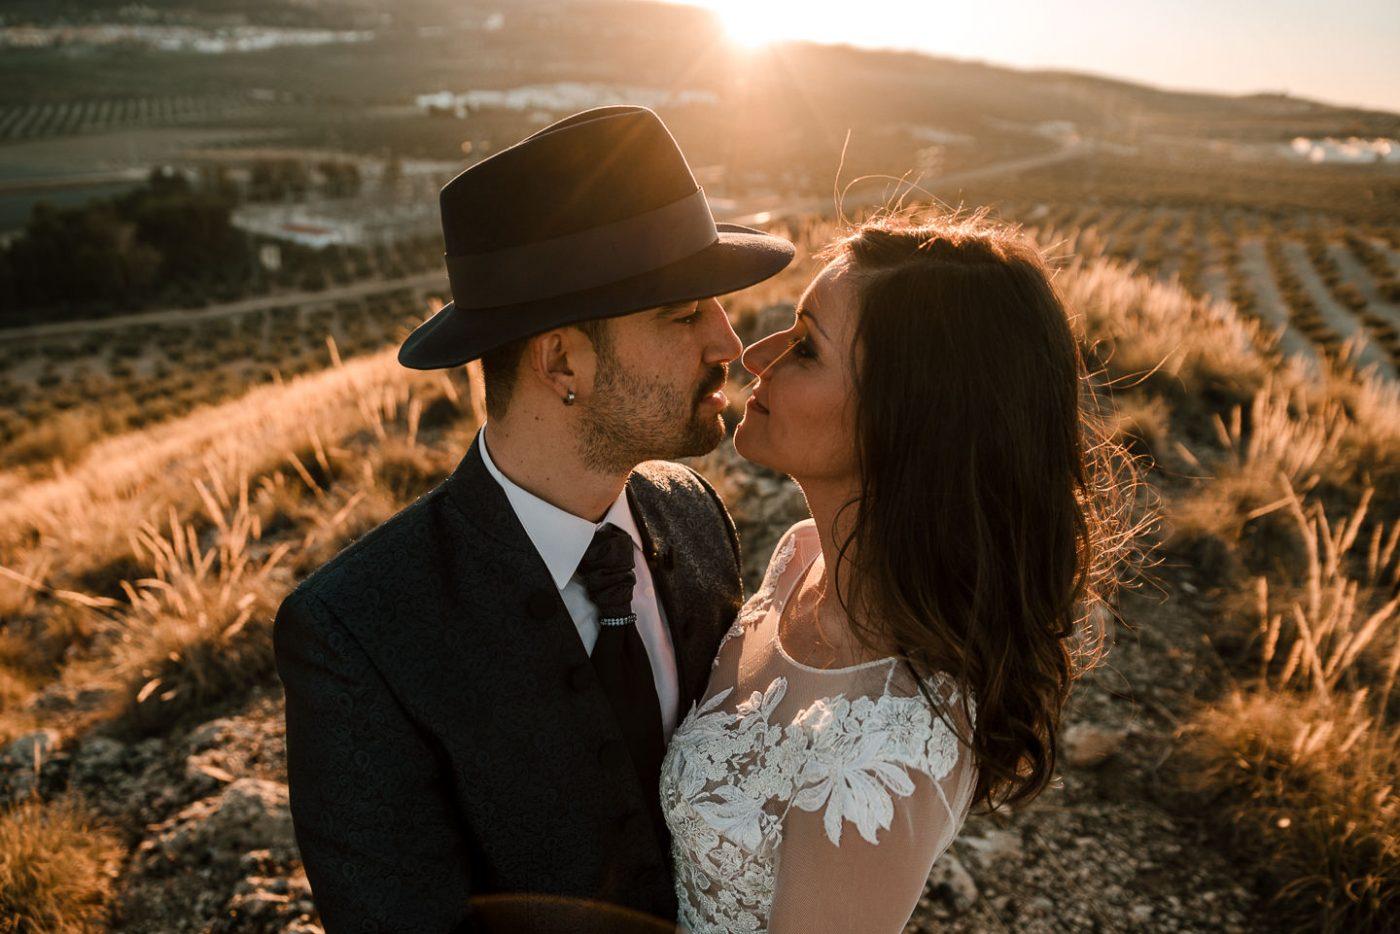 Fotografo de boda en Jaén, bodas en Jaén